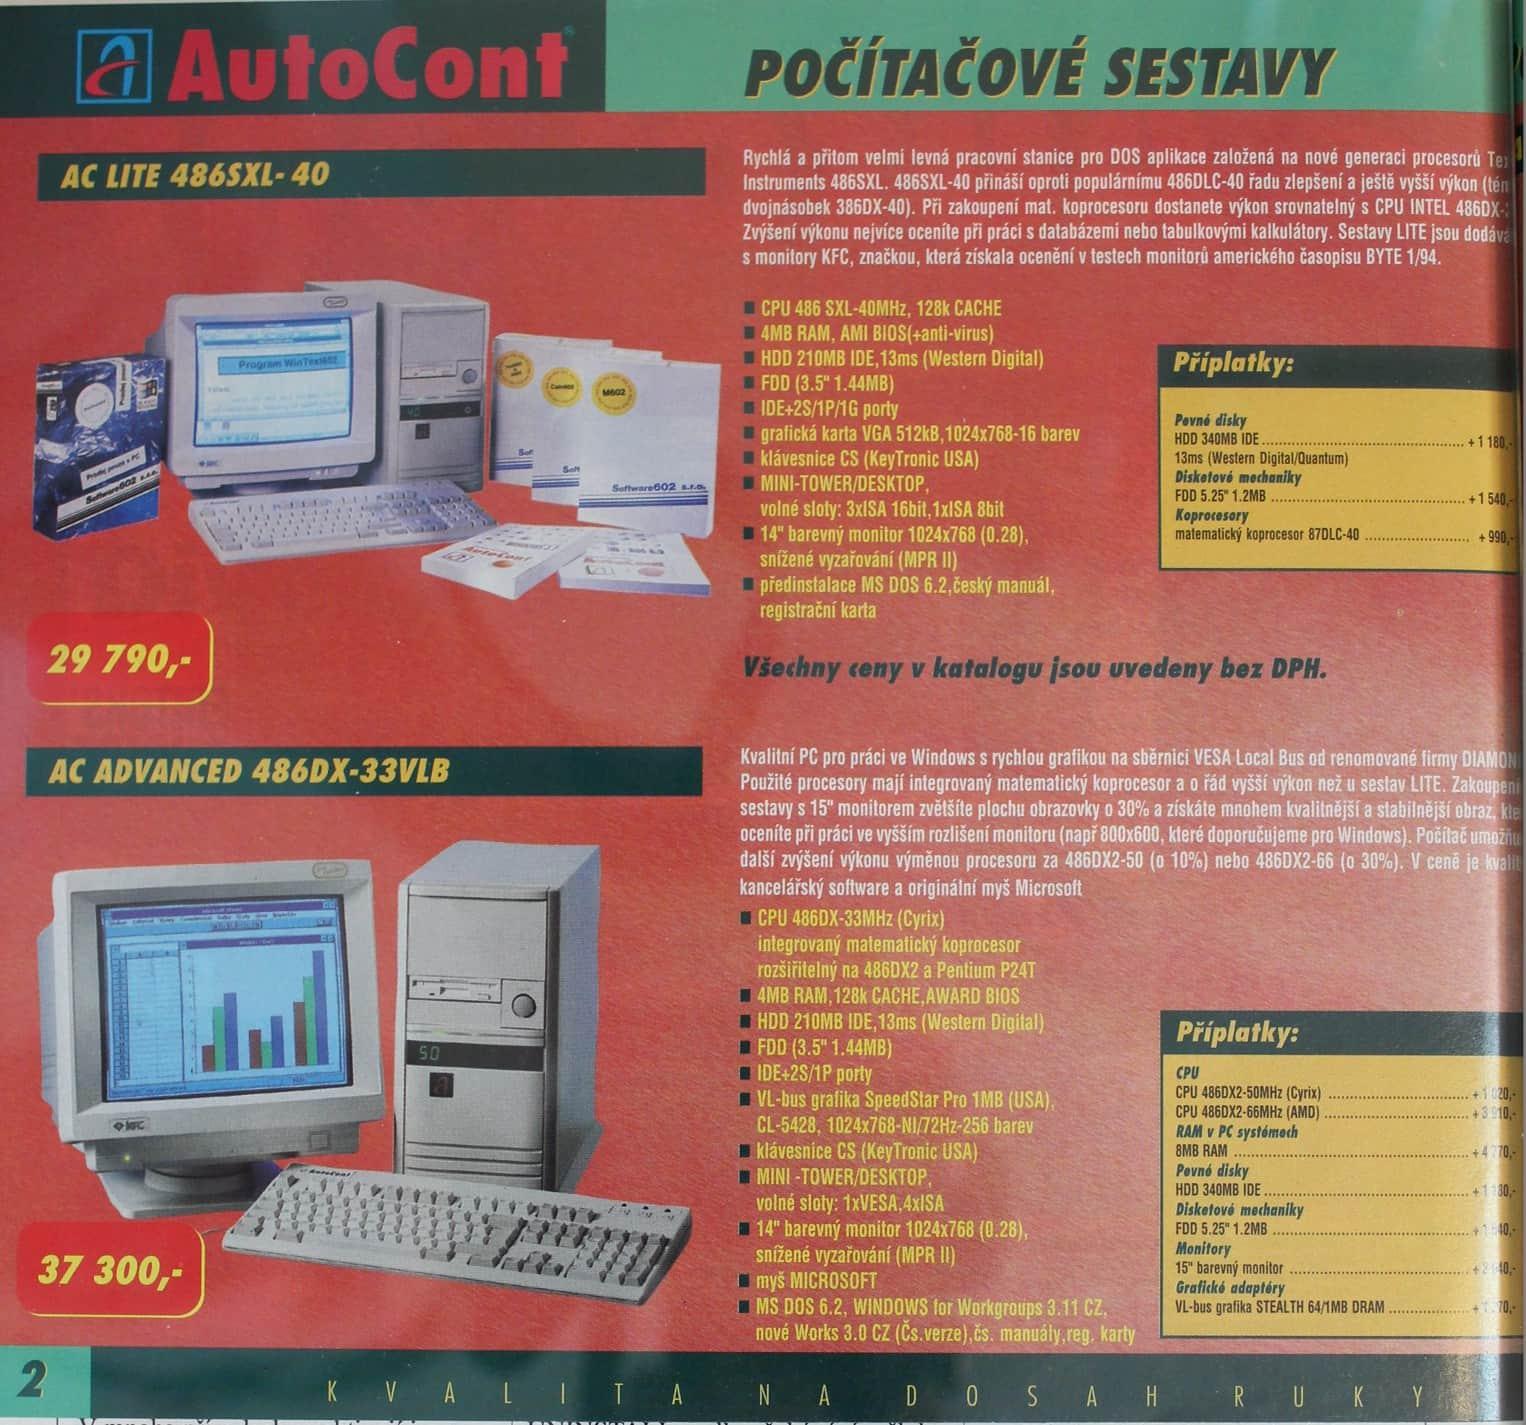 Autocont - katalog záři 94